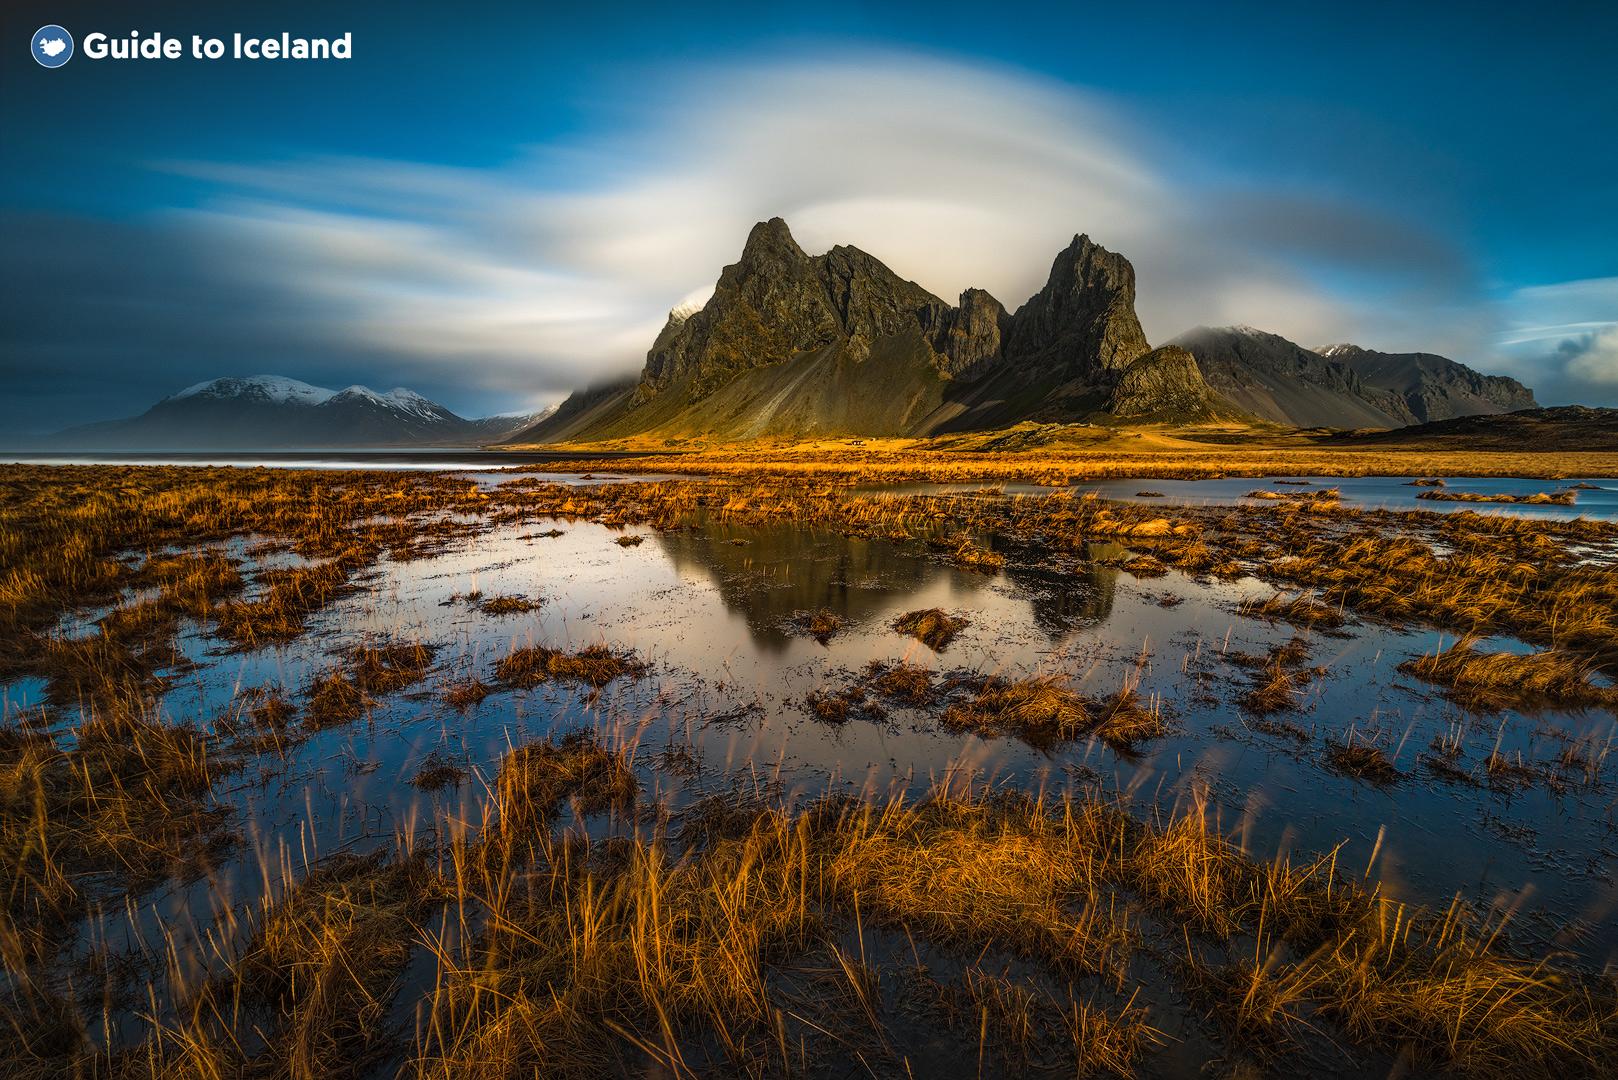 아이슬란드 에이스트라혼산의 여름 풍경.